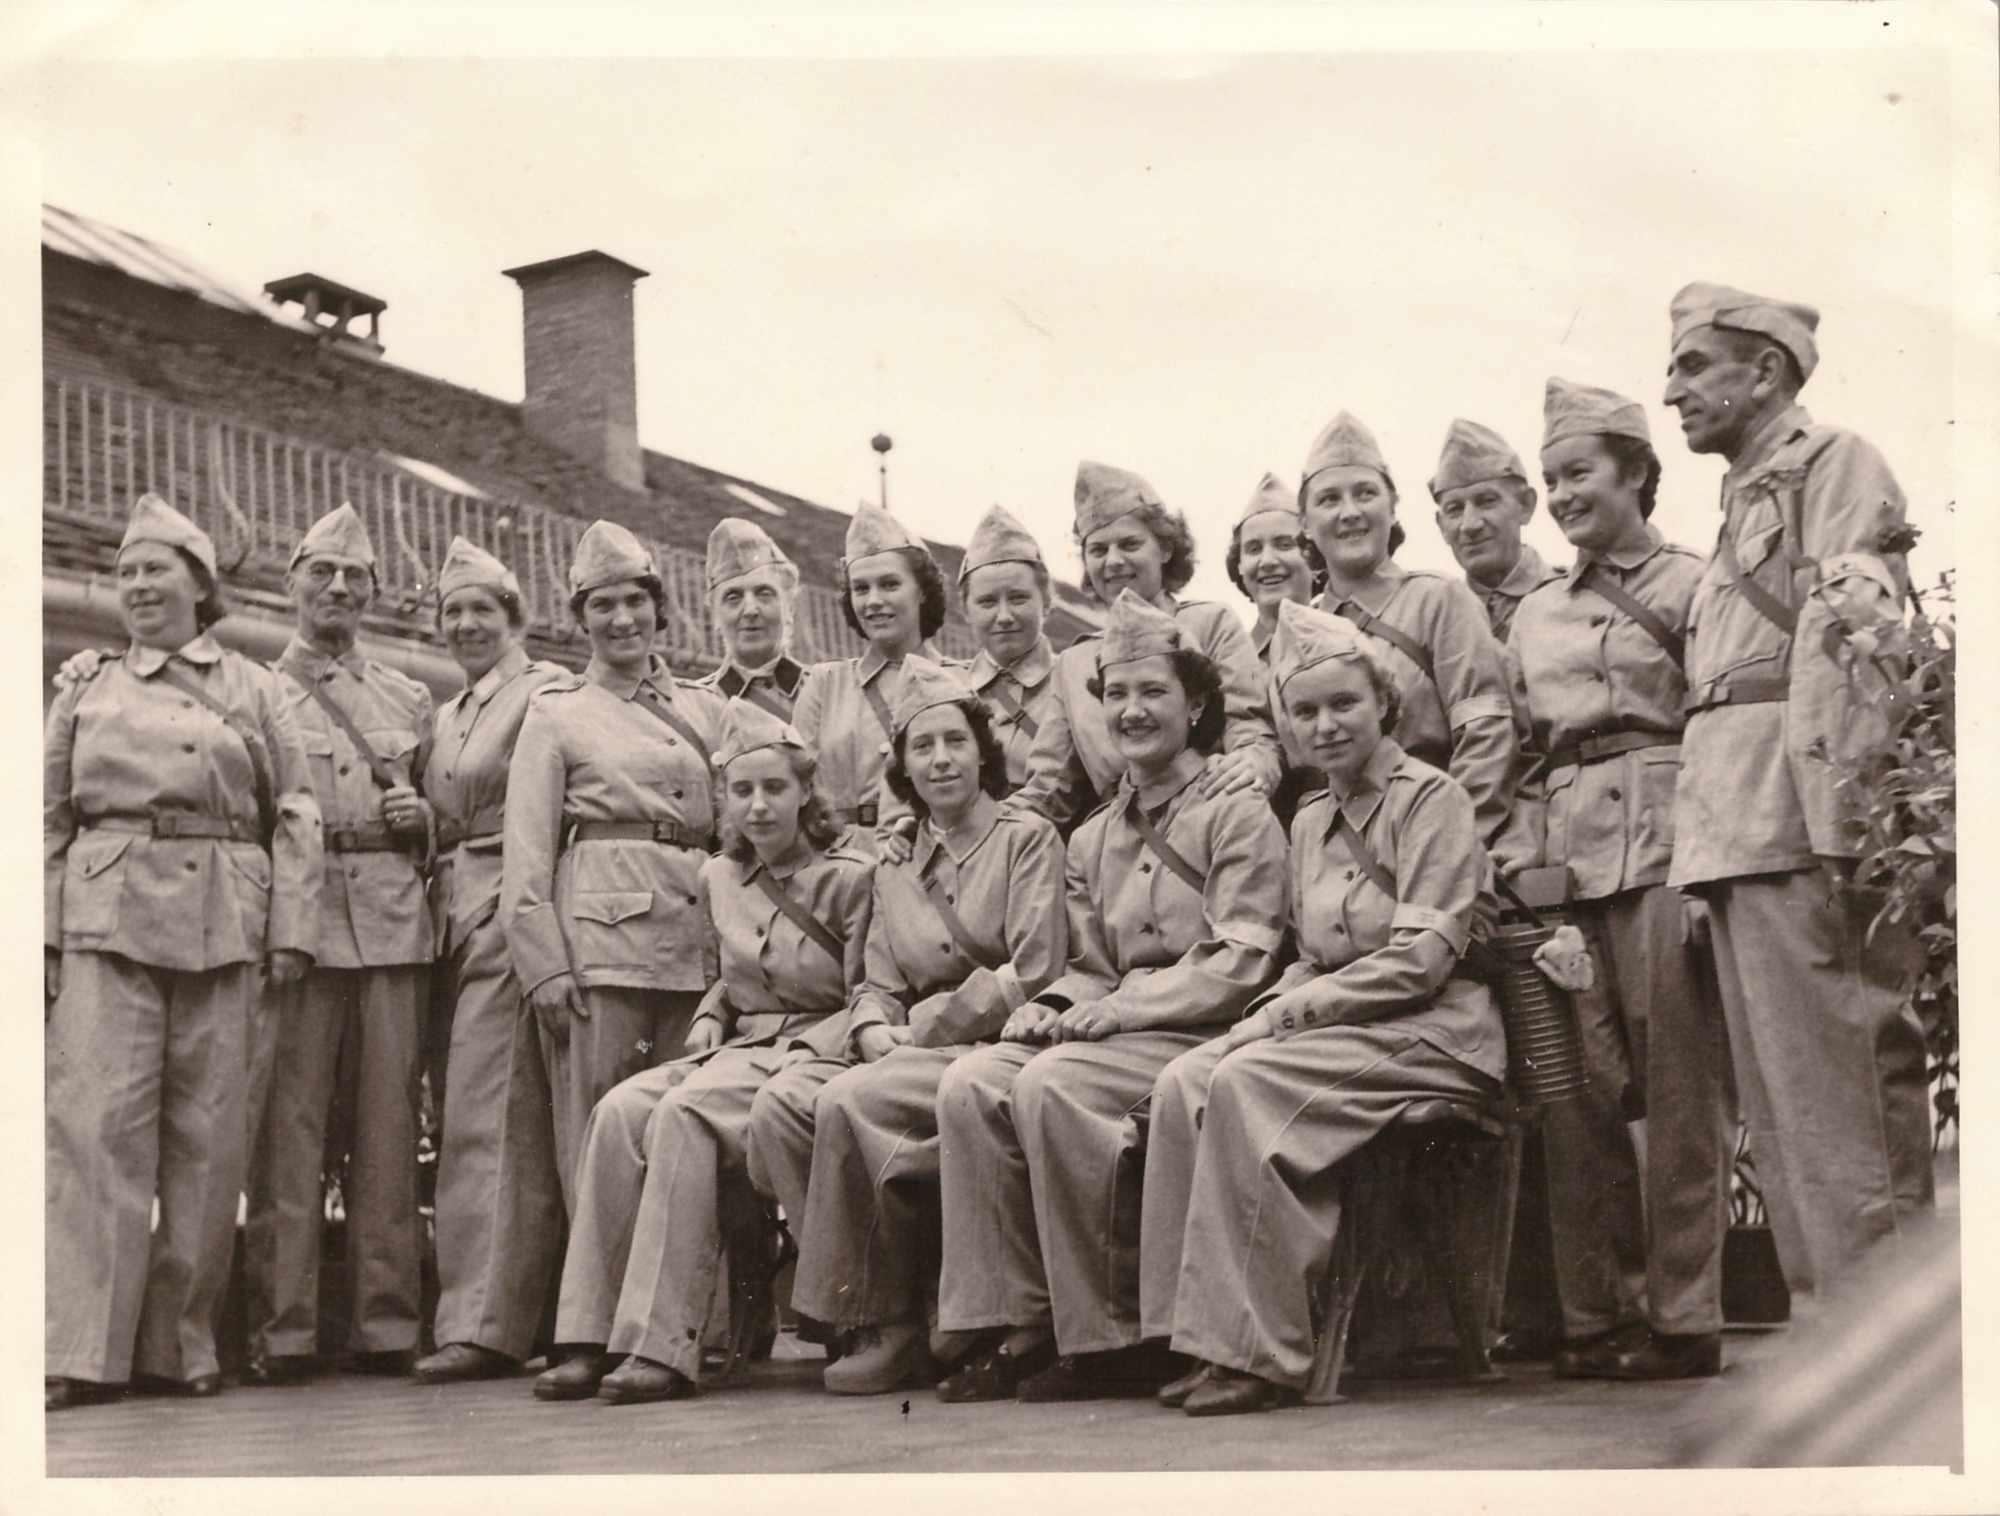 Bild: Mitarbeitende der Firma «Wilder Mann» in Uniform für den Luftschutzeinsatz